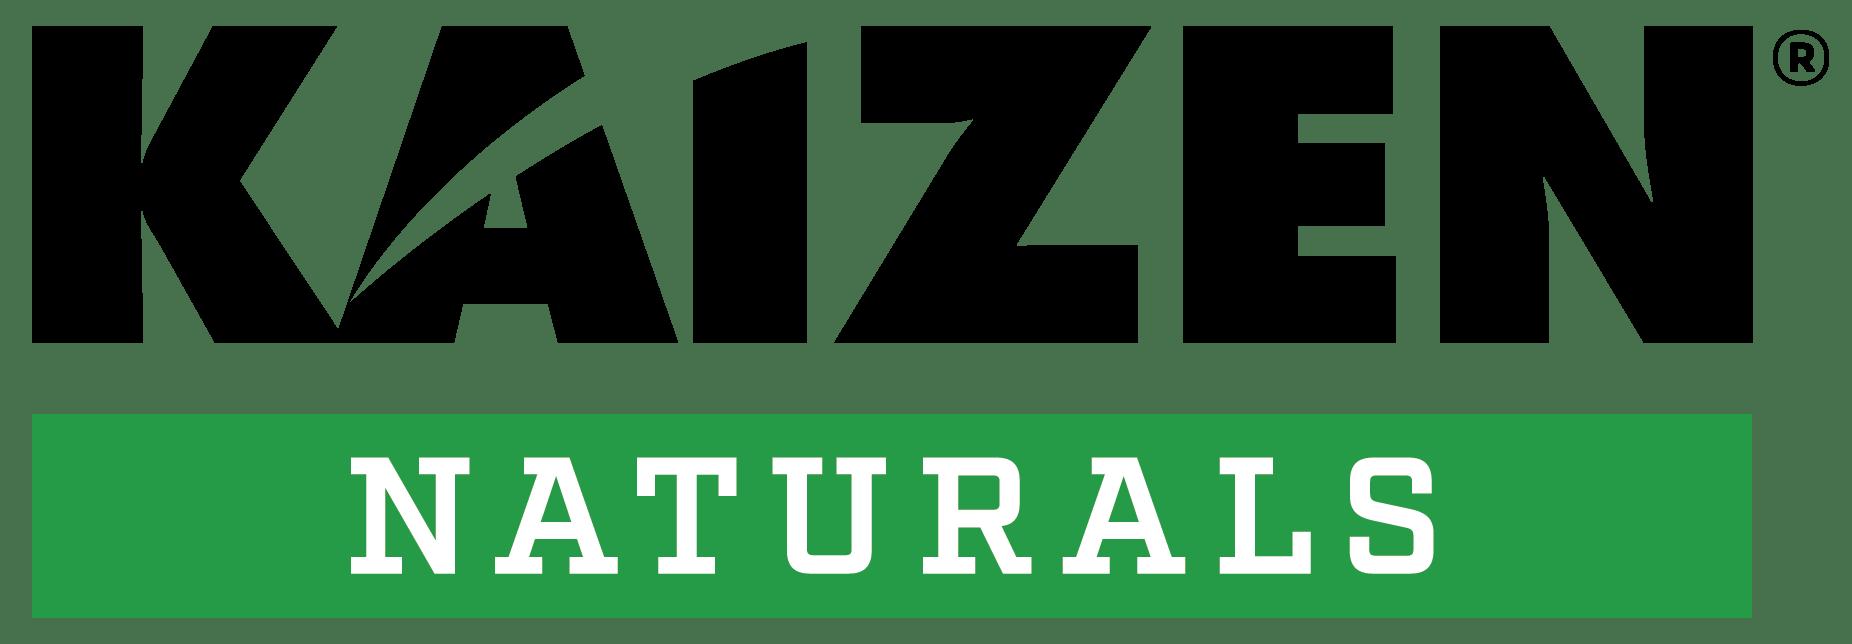 Kaizen naturals logo